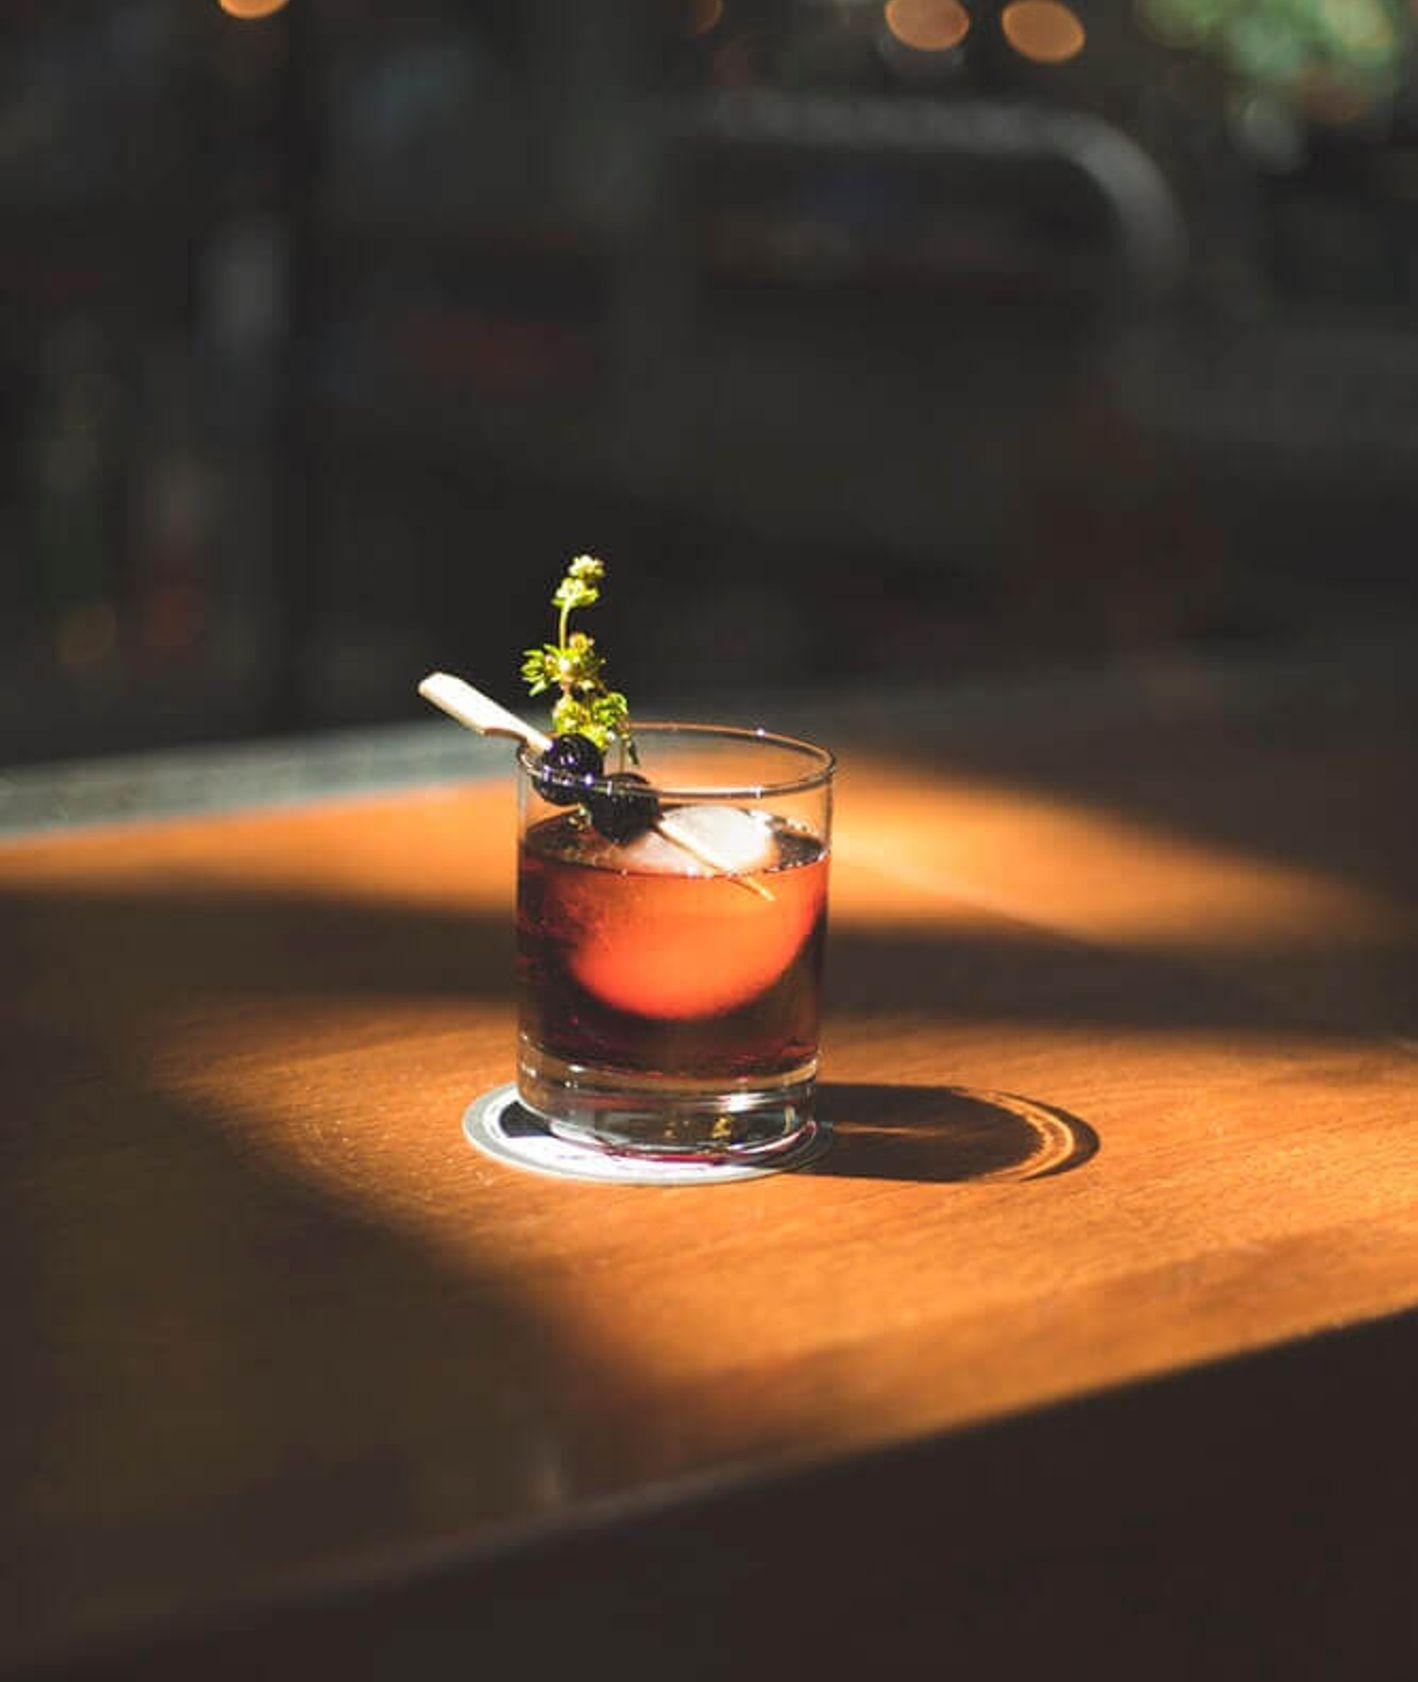 najlepsze koktajlbary na świecie, drink